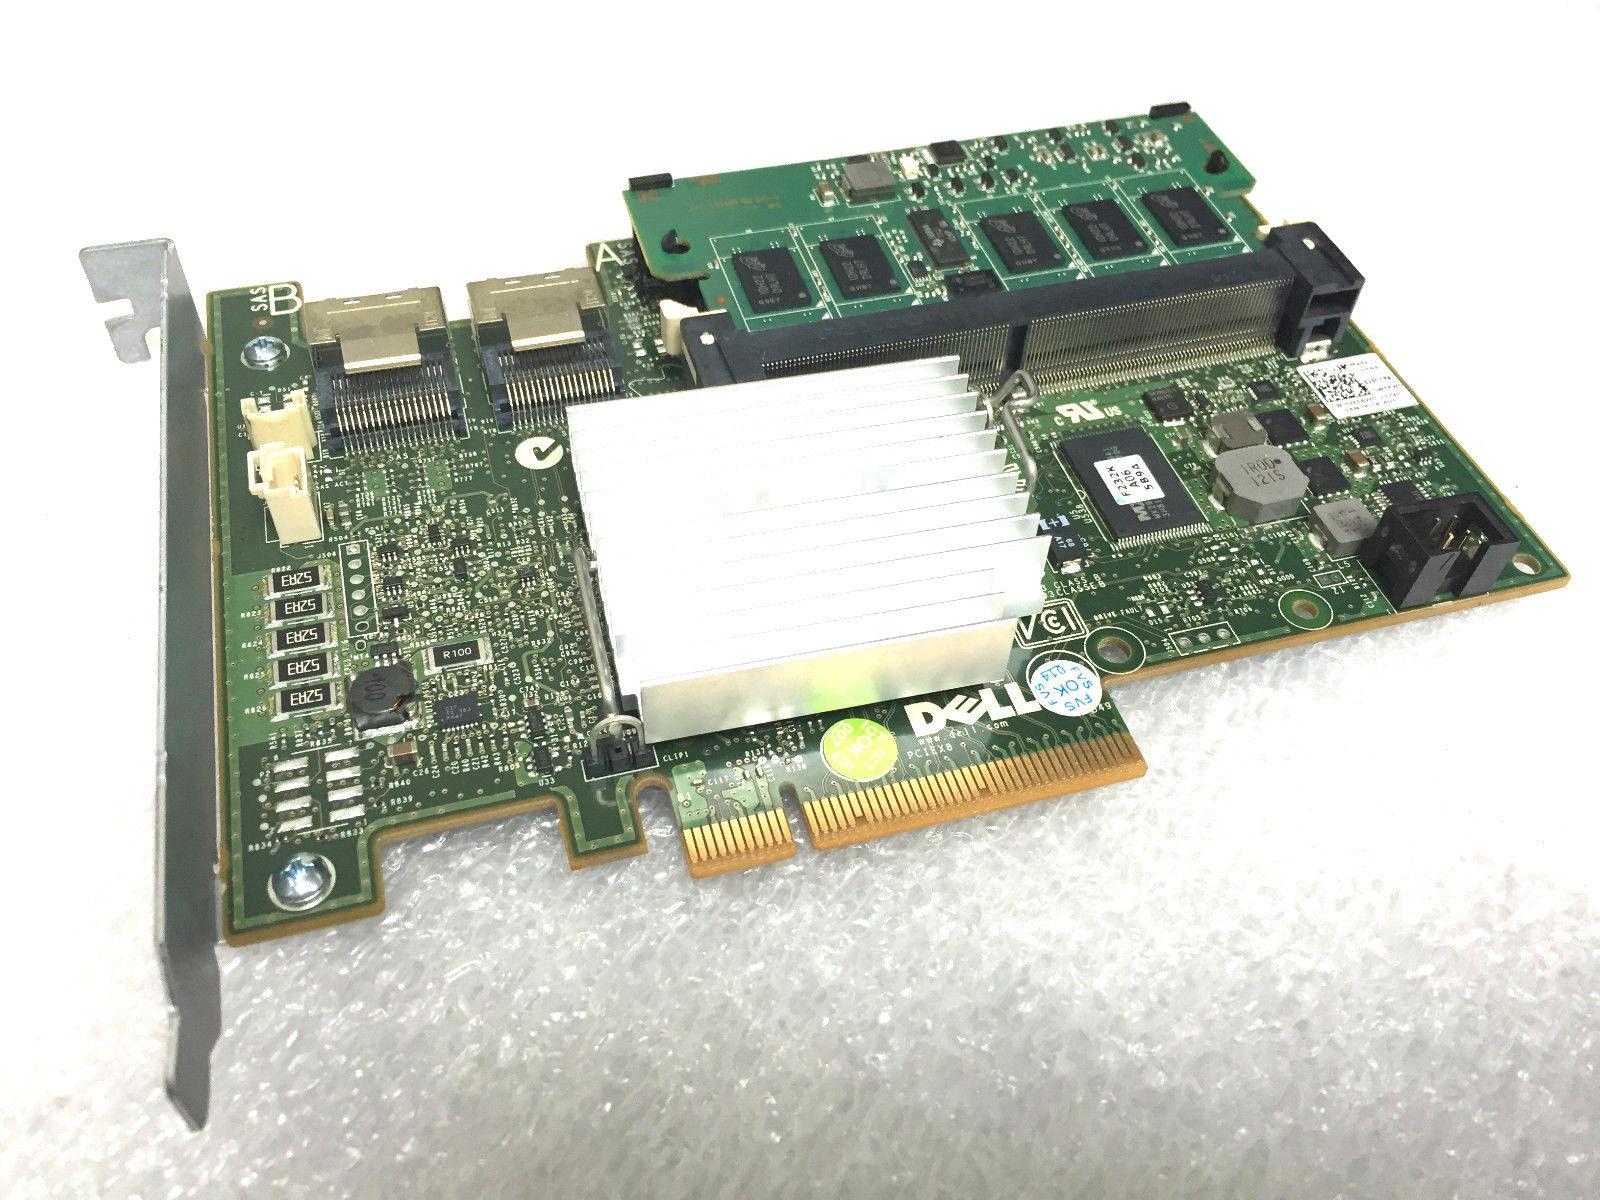 Dell PERC H700 512MB 6Gbps SAS/SATA Raid Controller (W56W0)